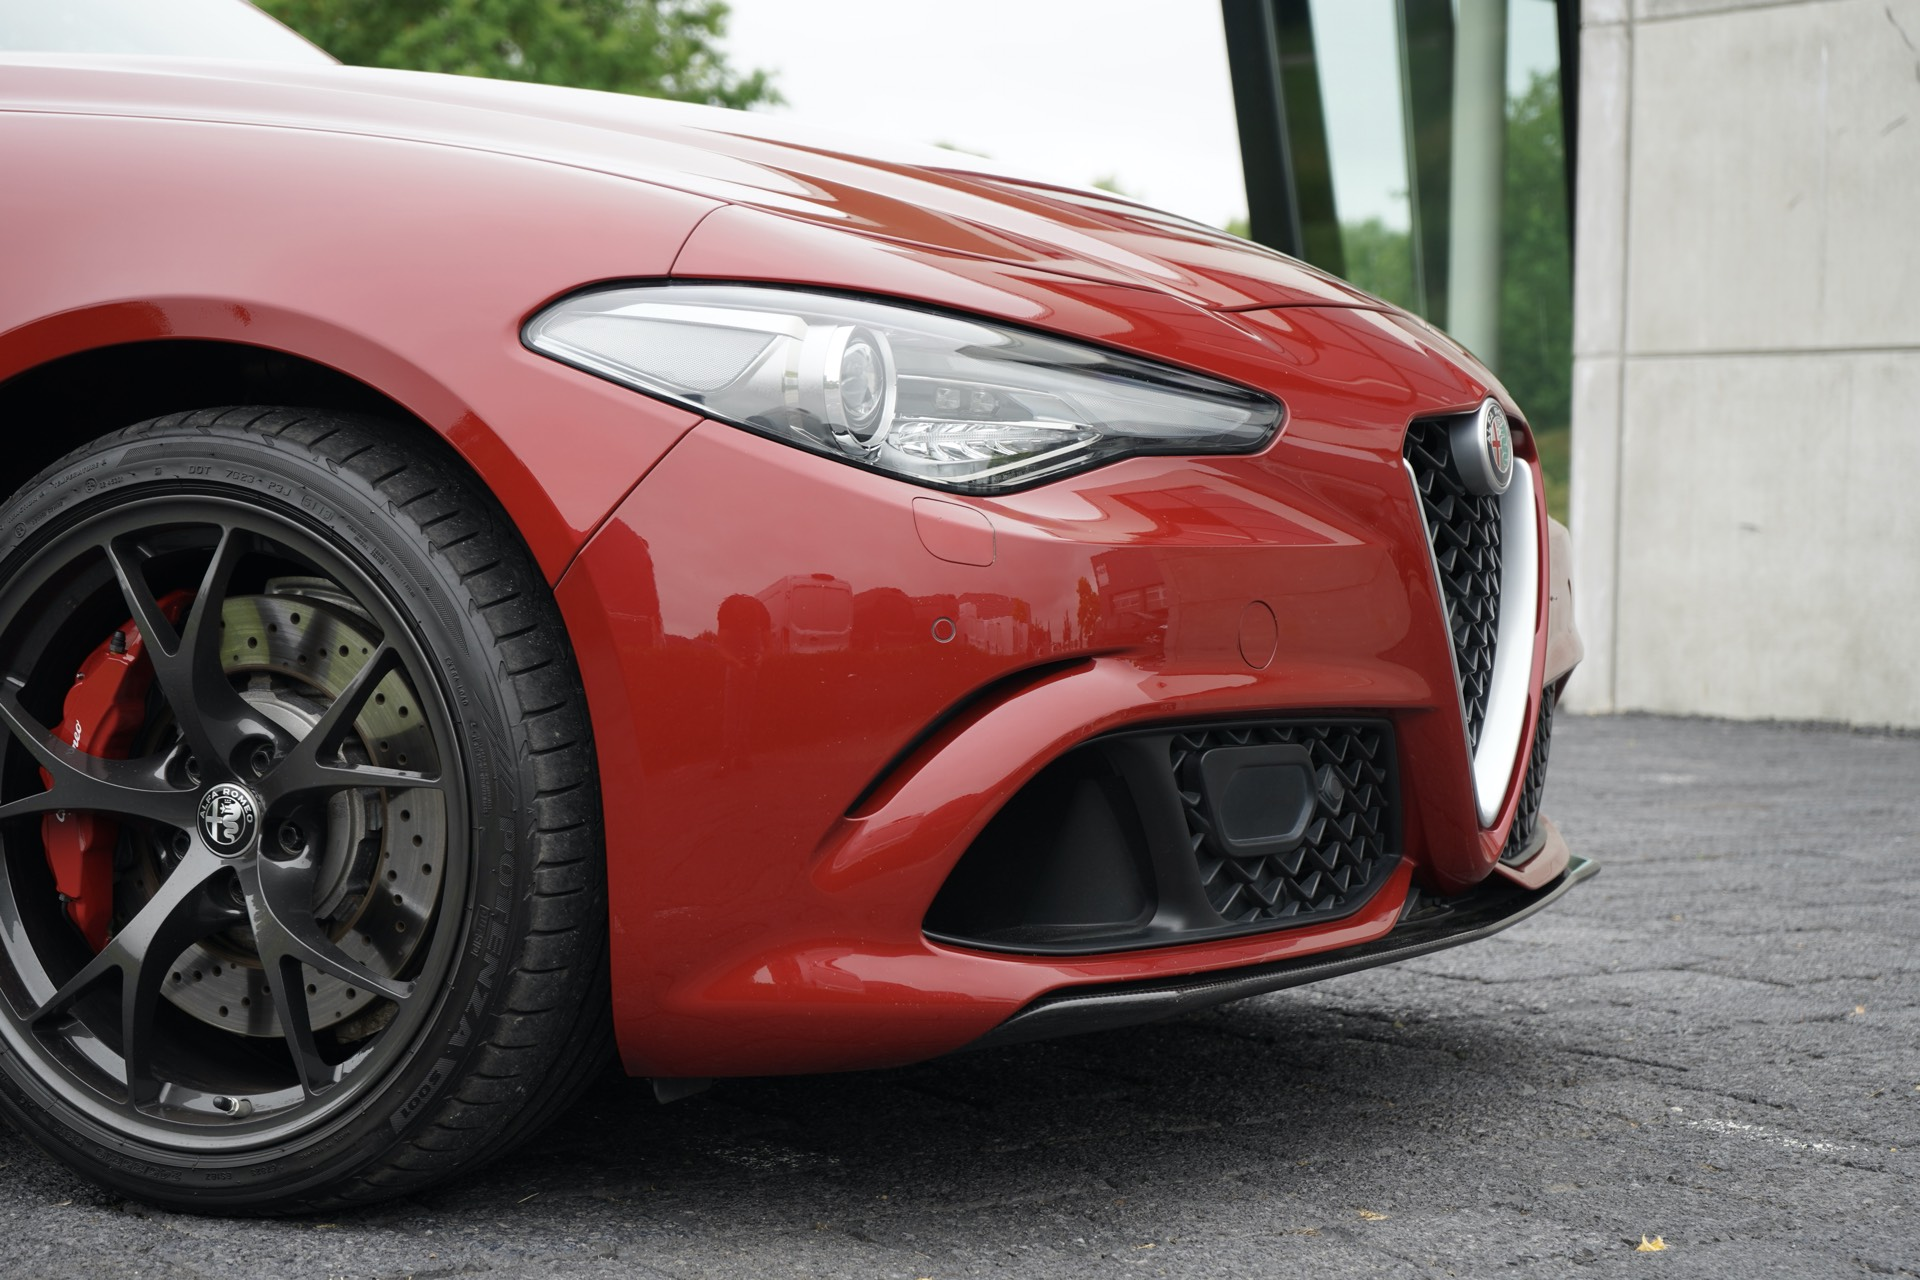 ALFA ROMEO GIULIA Q 2.9 V6 BI-TURBO 510PK ROSSO COMPETIZIONE